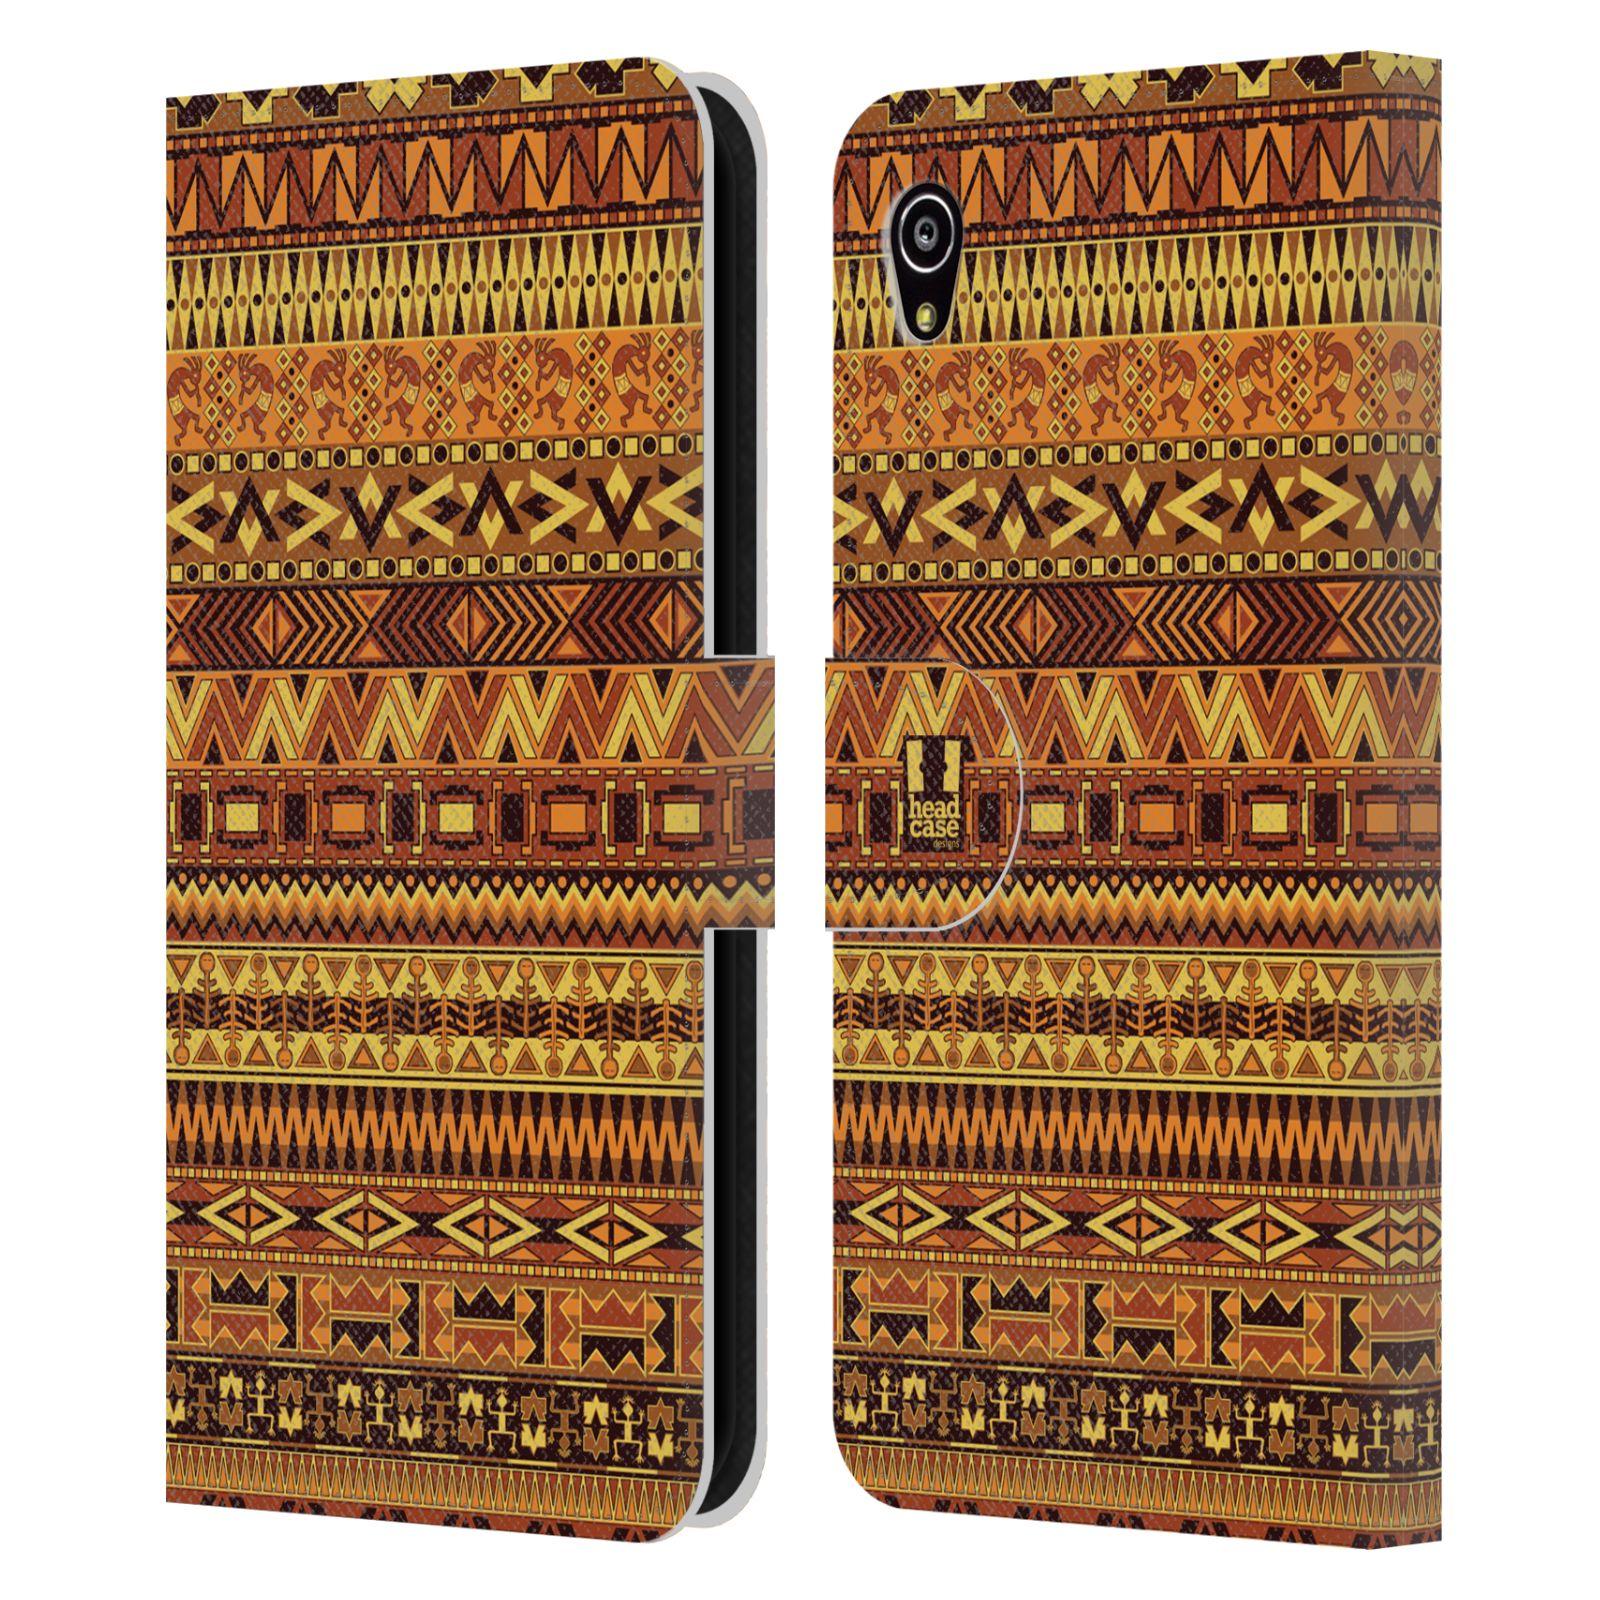 HEAD CASE Flipové pouzdro pro mobil SONY XPERIA M4 AQUA Indiánský vzor YELLOW žlutá